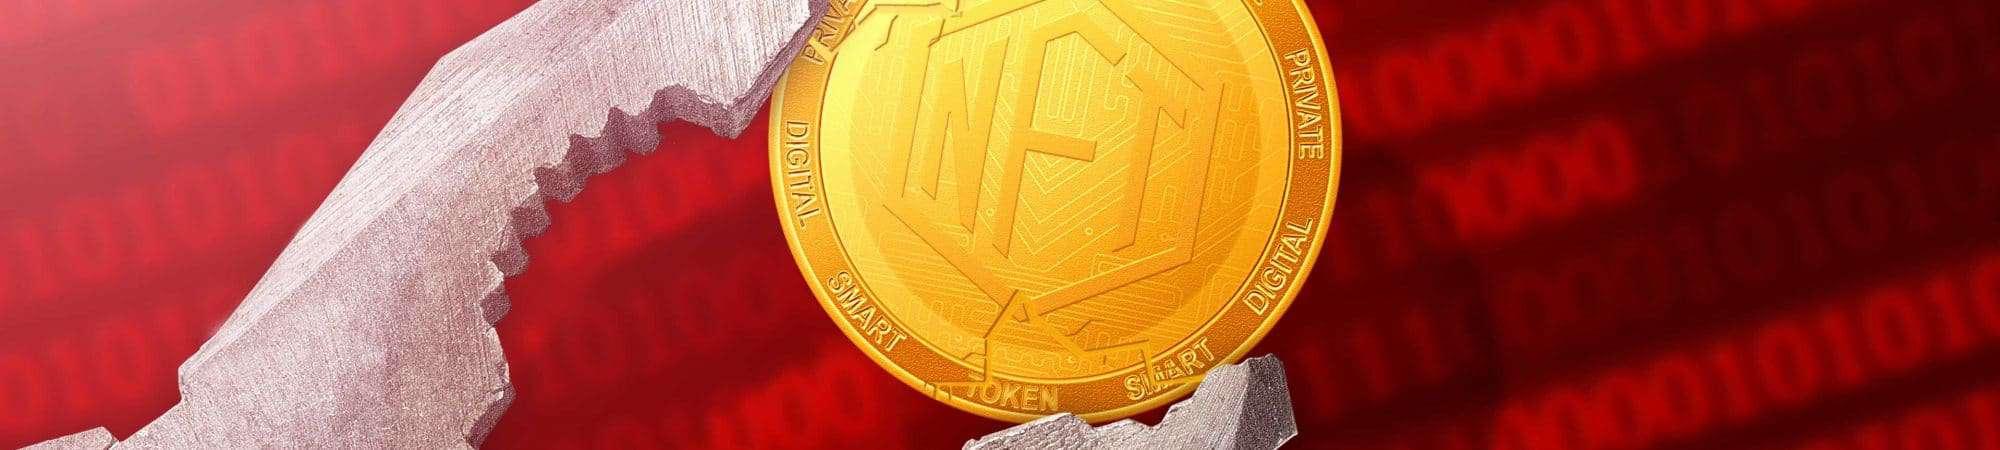 Ilustração de tokens não fungíveis (NFTs) sendo destruídos